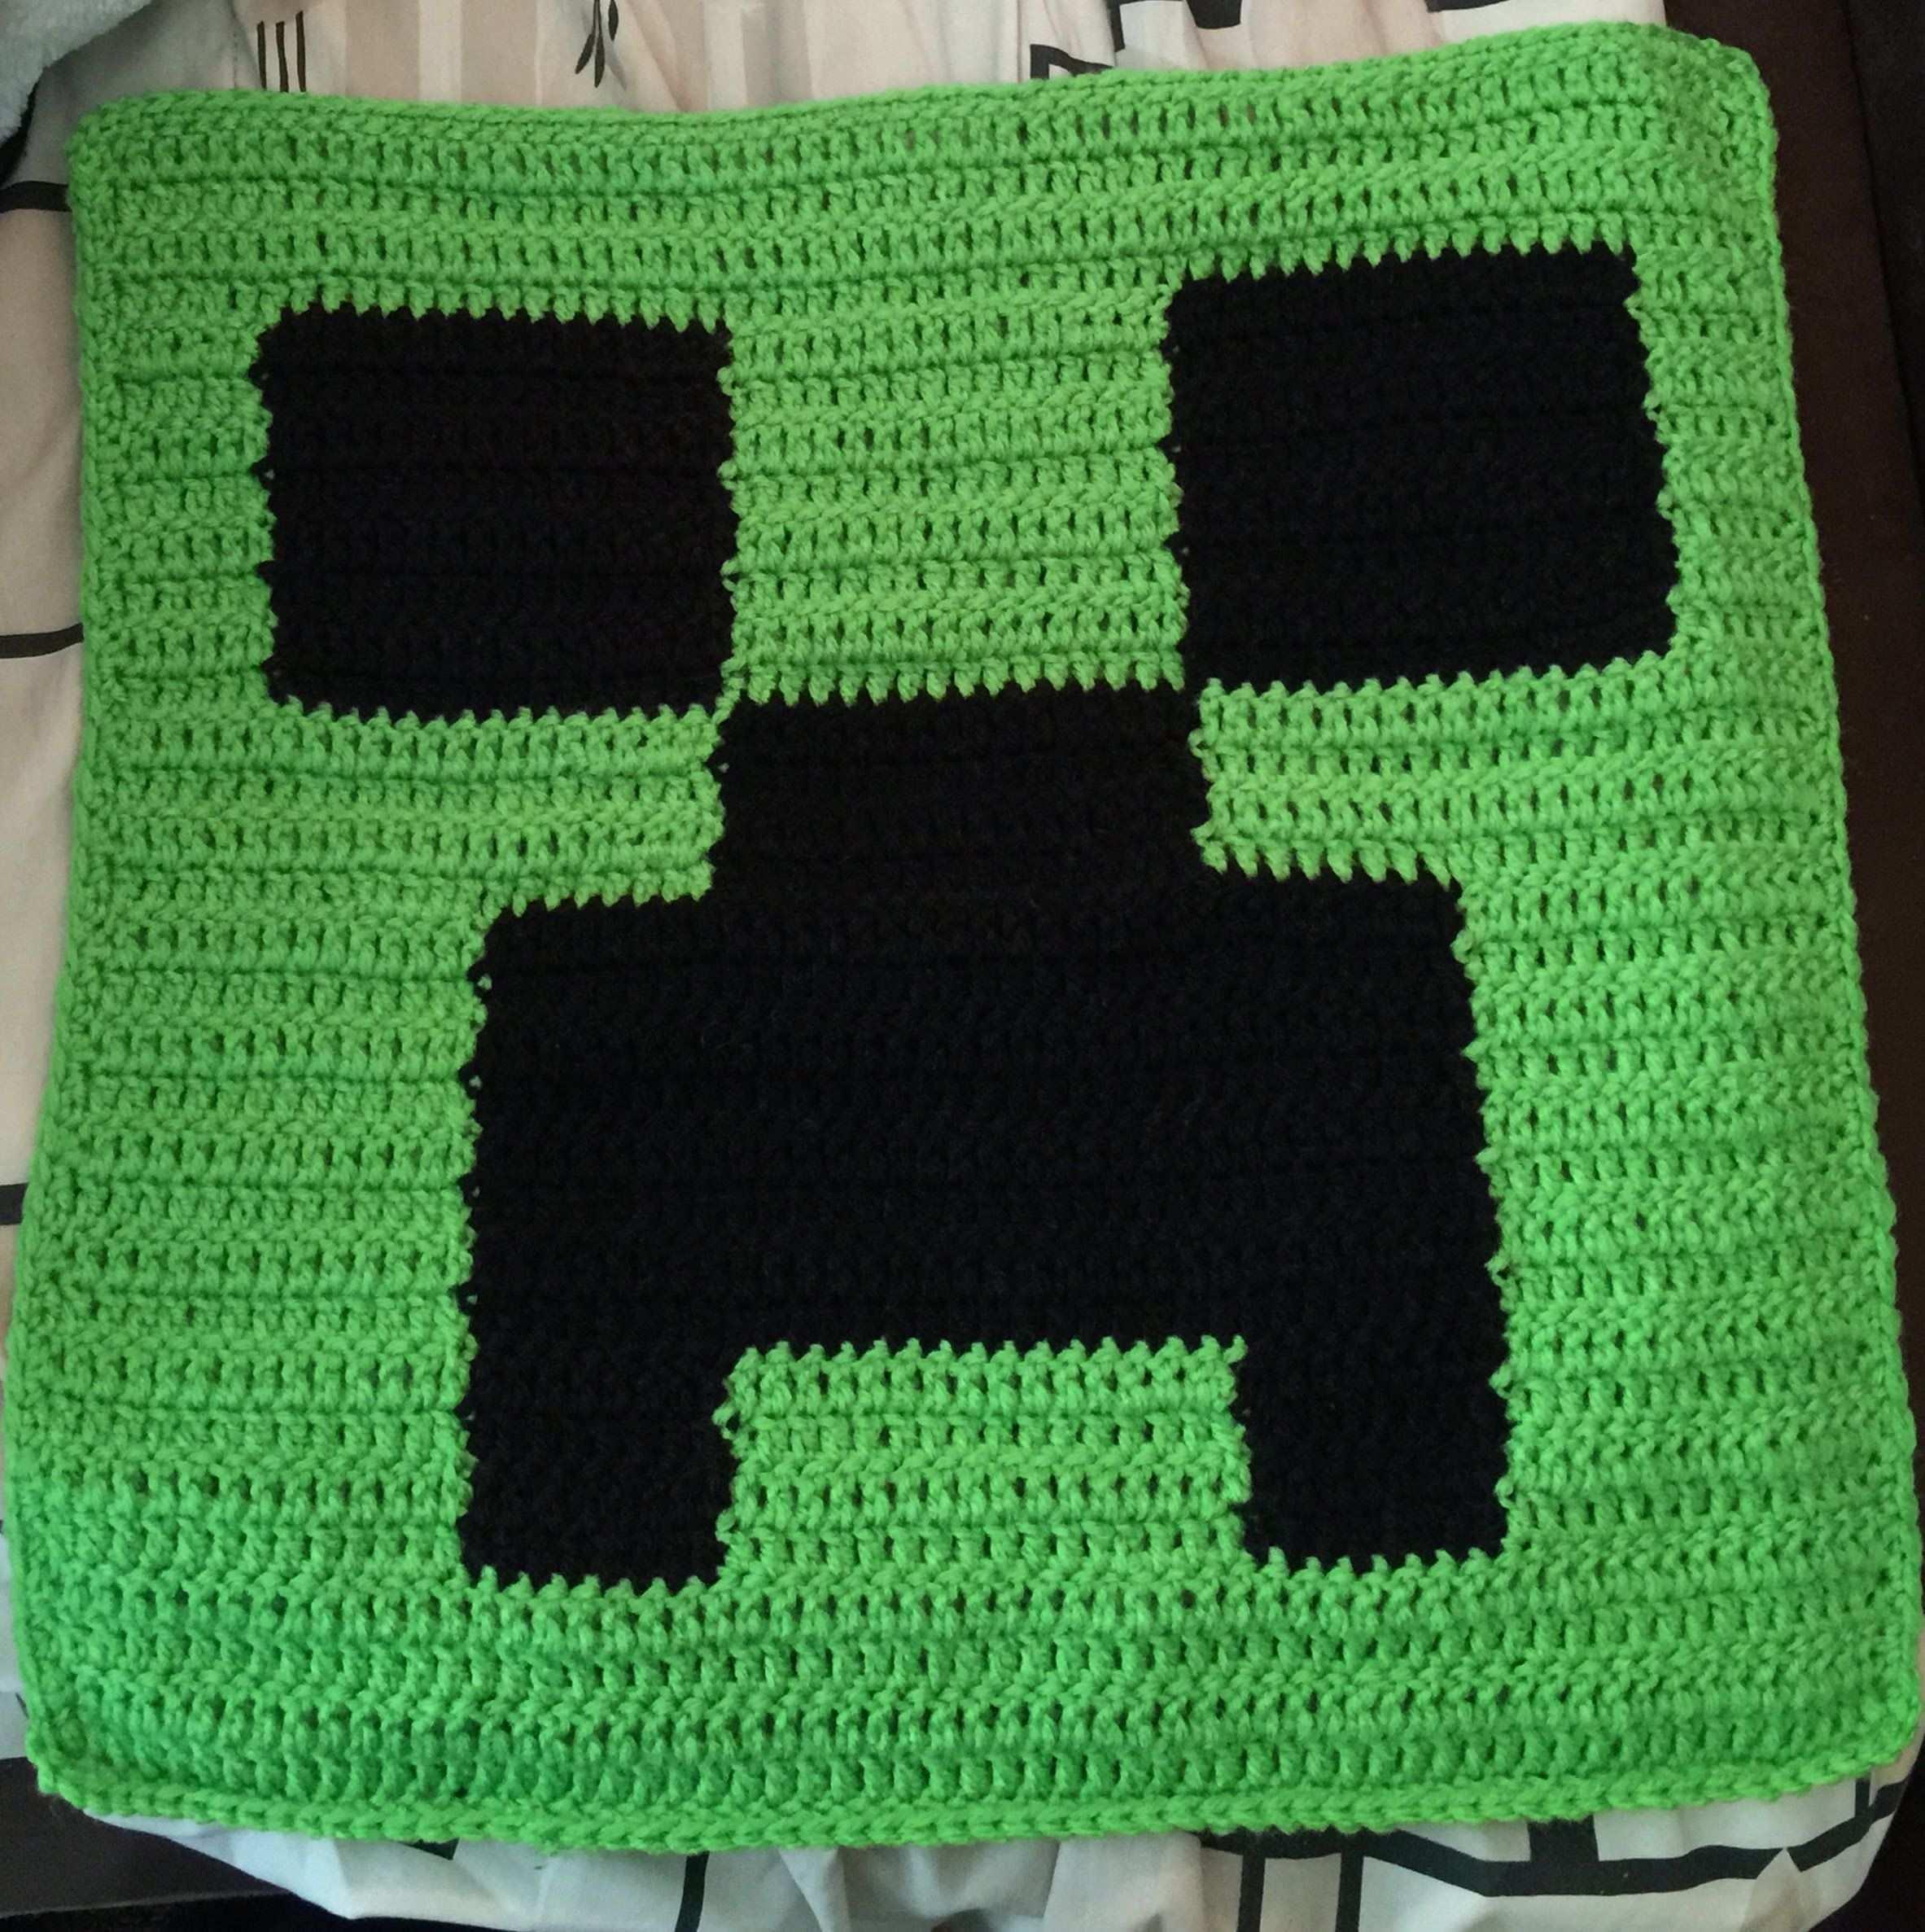 Minecraft Crochet Pillow Top Minecraft Hakeln Hakeln Fur Kinder Kissen Muster